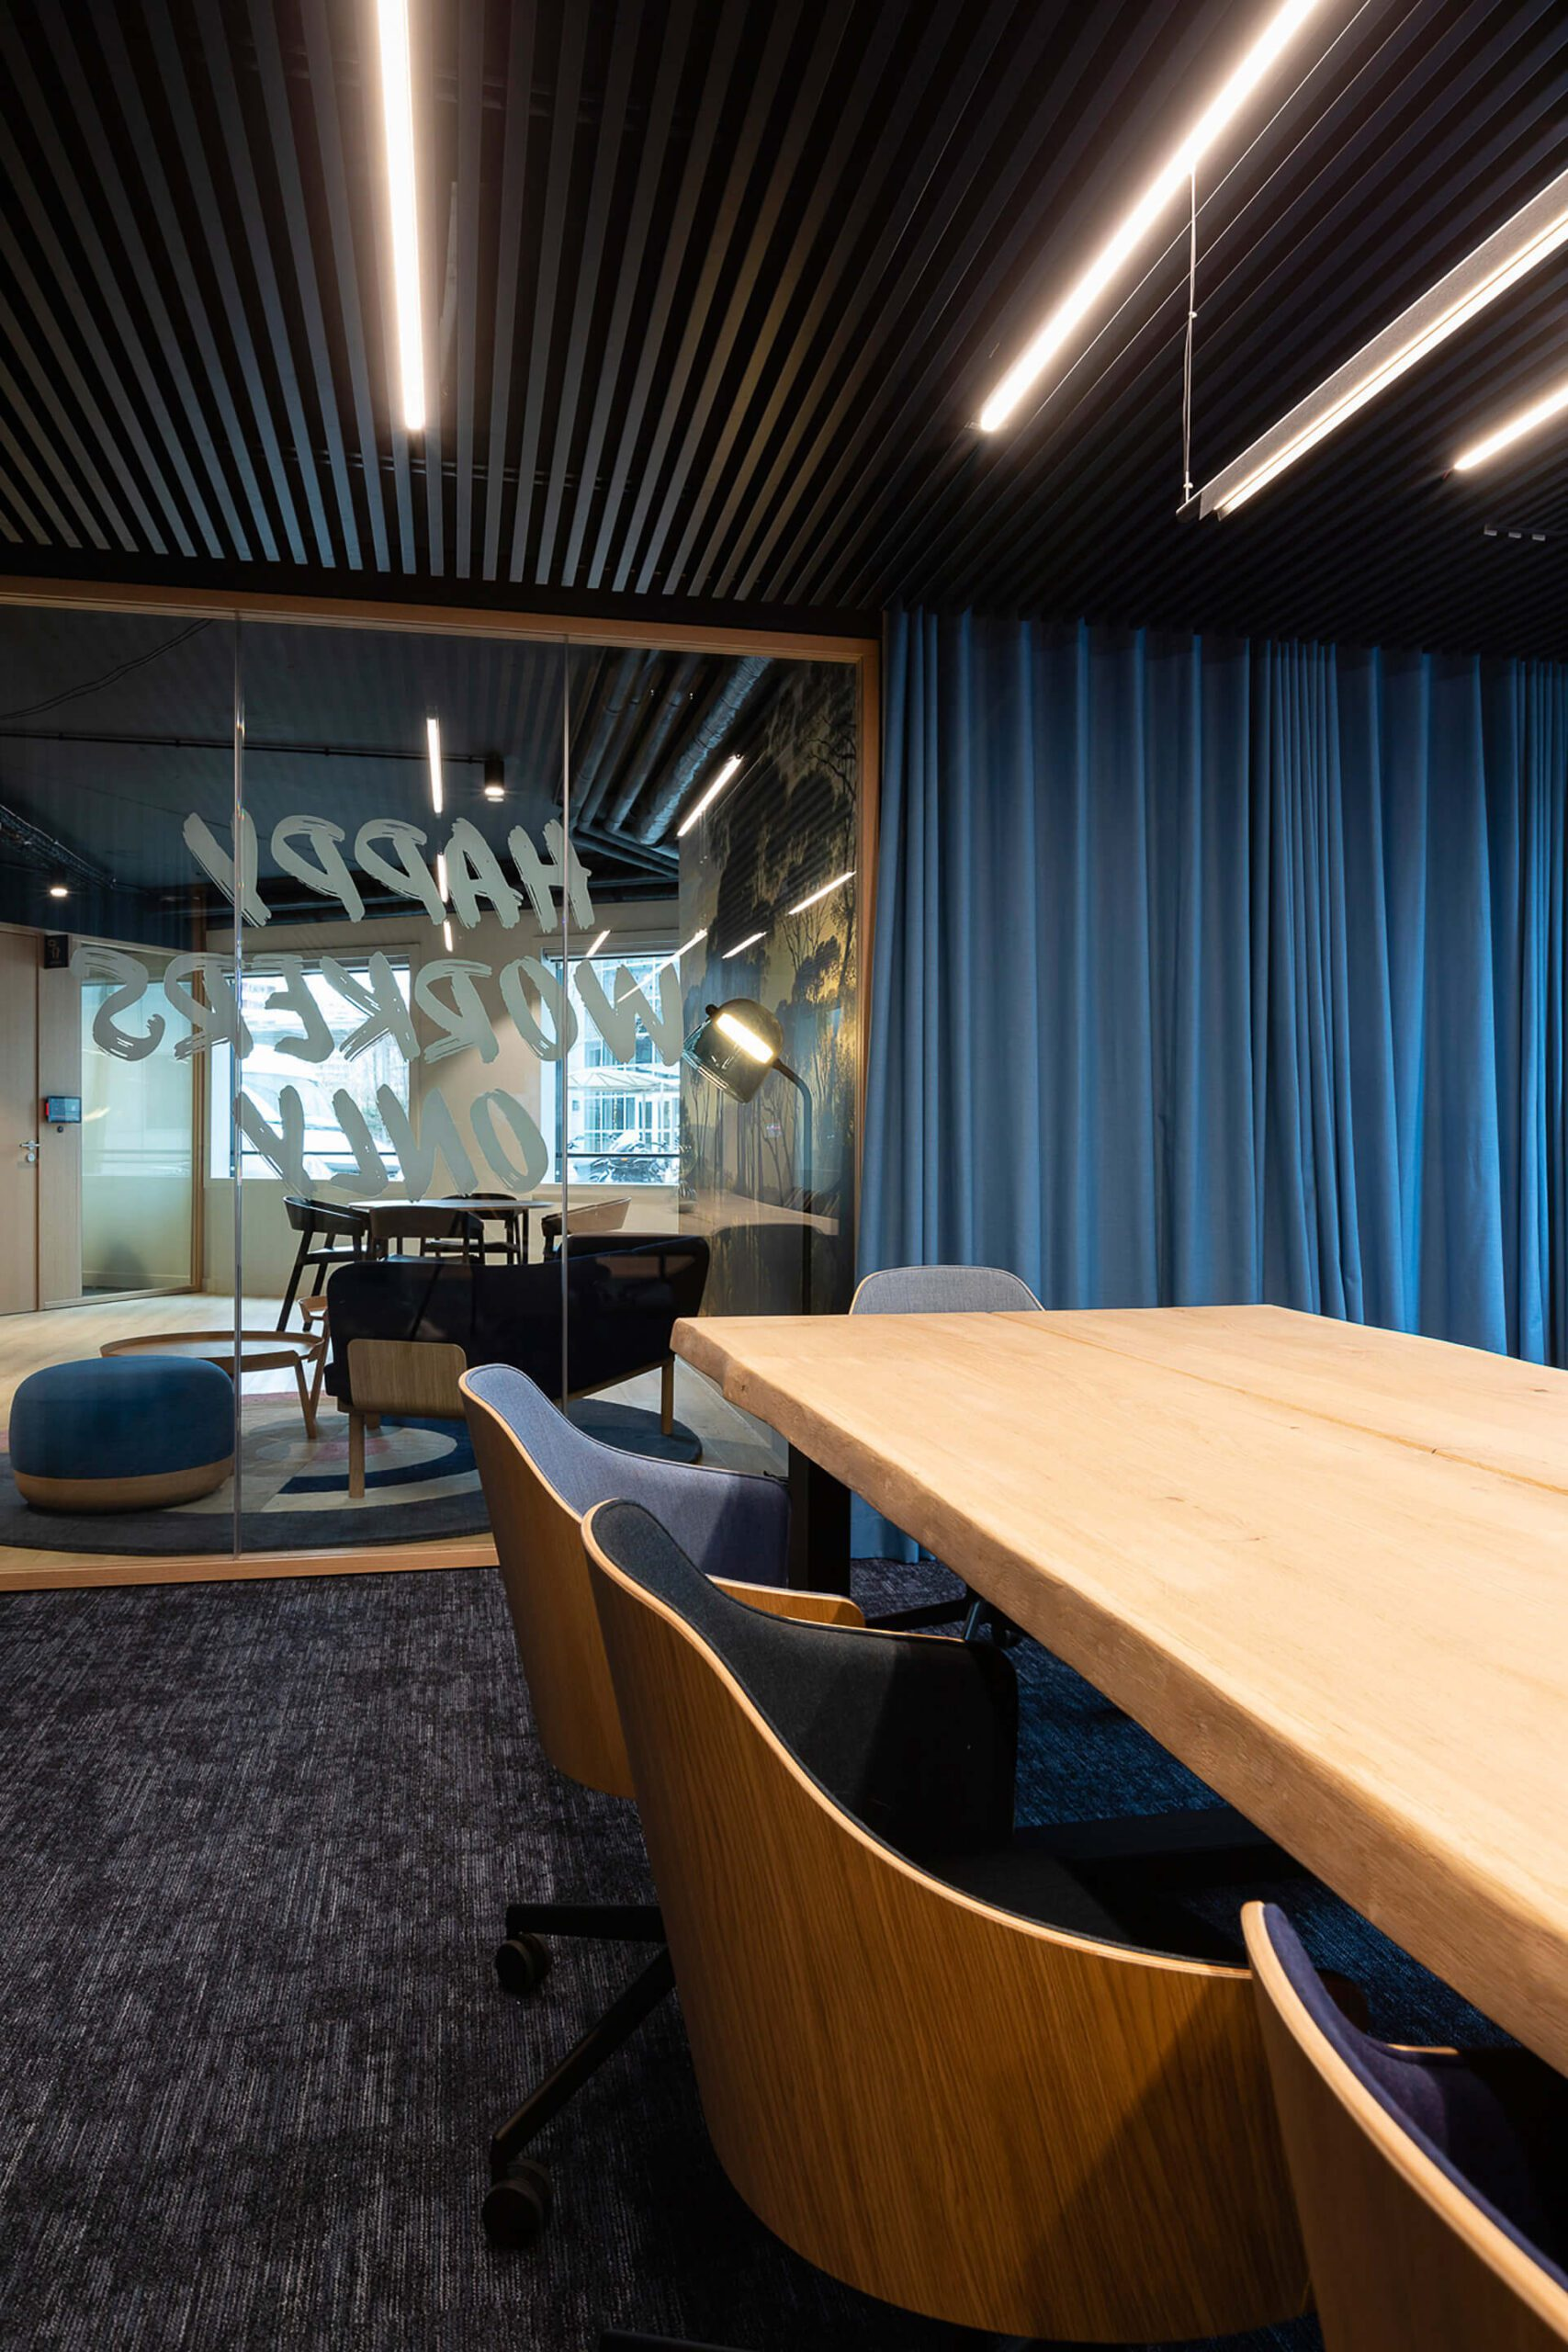 mesa em madeira rústica e paredes forradas a madeira.